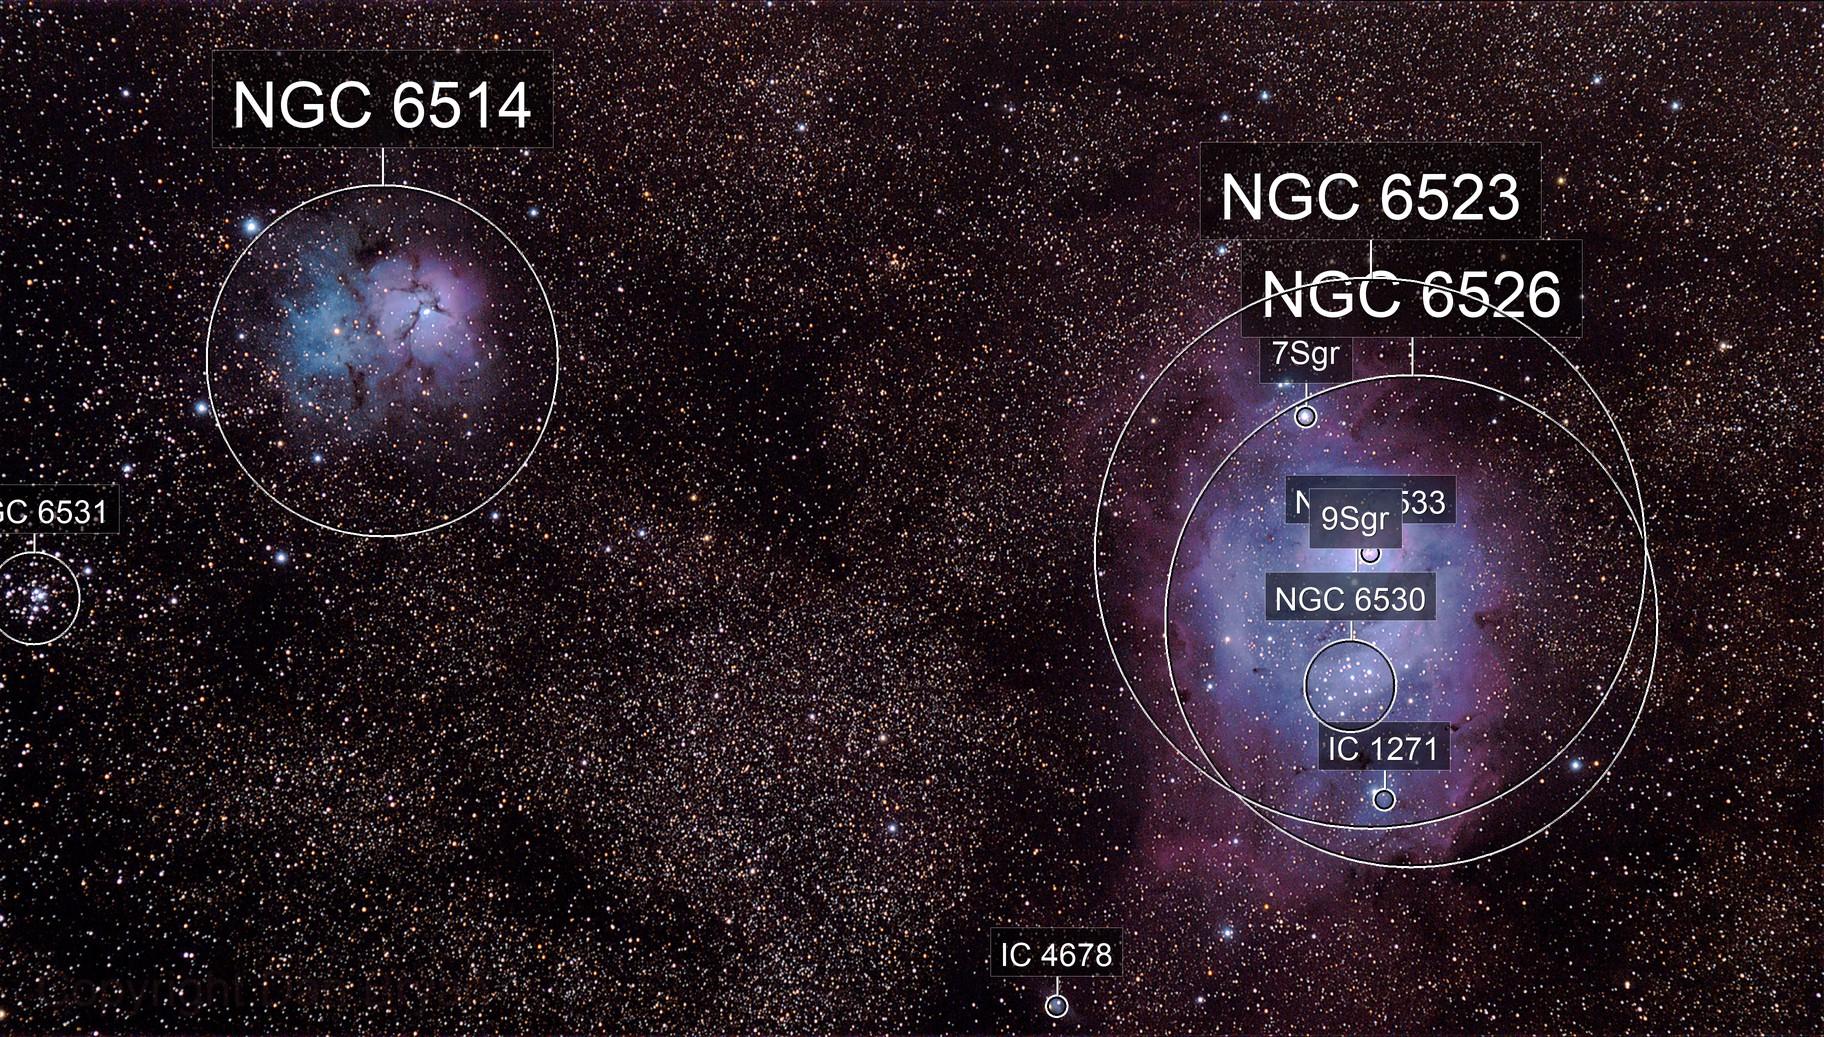 Lagoon nebula and Trifid nebula (M8 & M20)